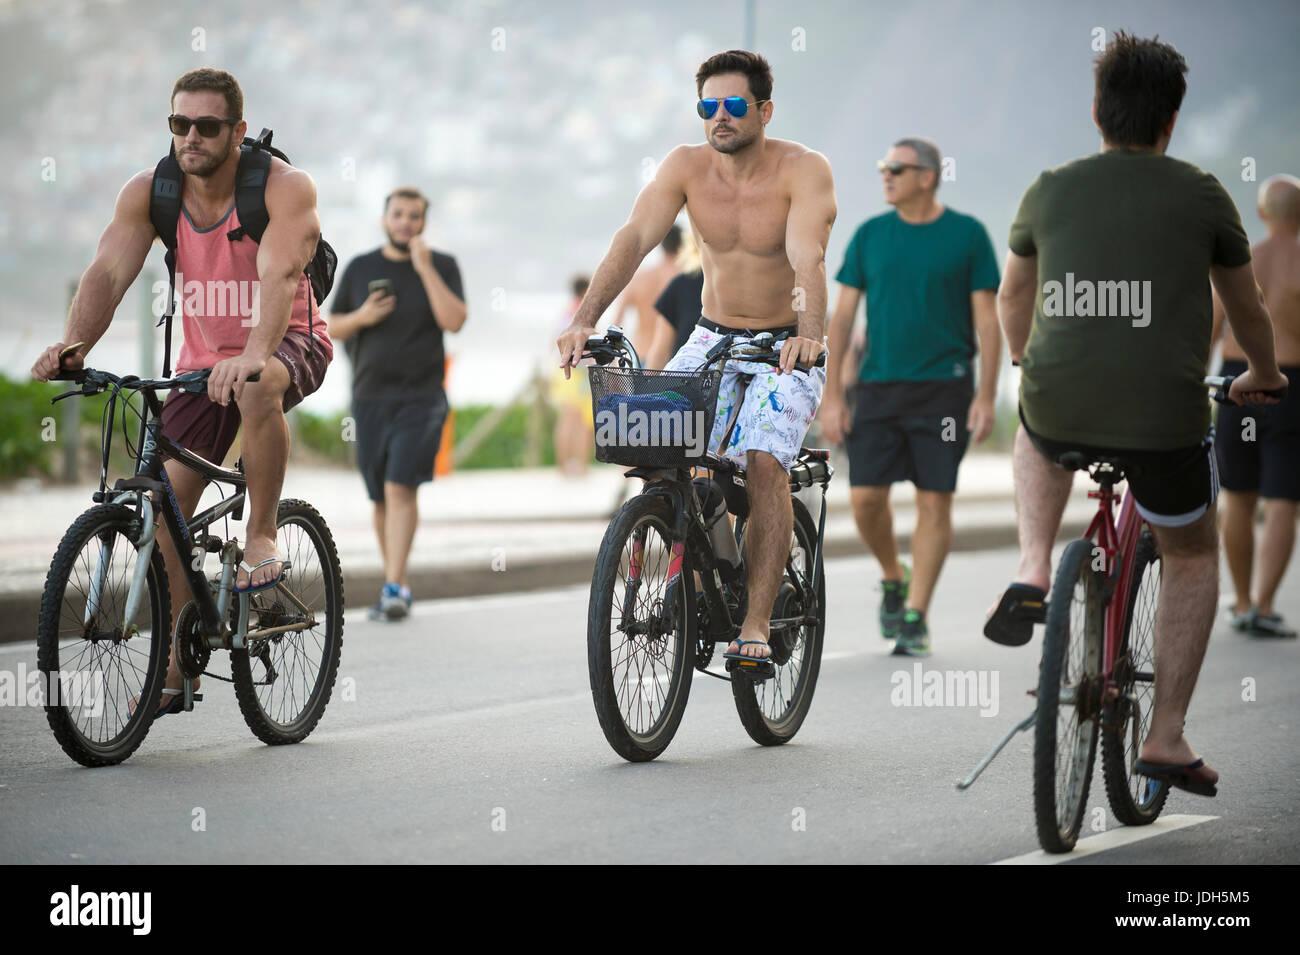 RIO DE JANEIRO - le 26 mars 2017: Les Brésiliens de la bicyclette aux côtés de piétons Photo Stock